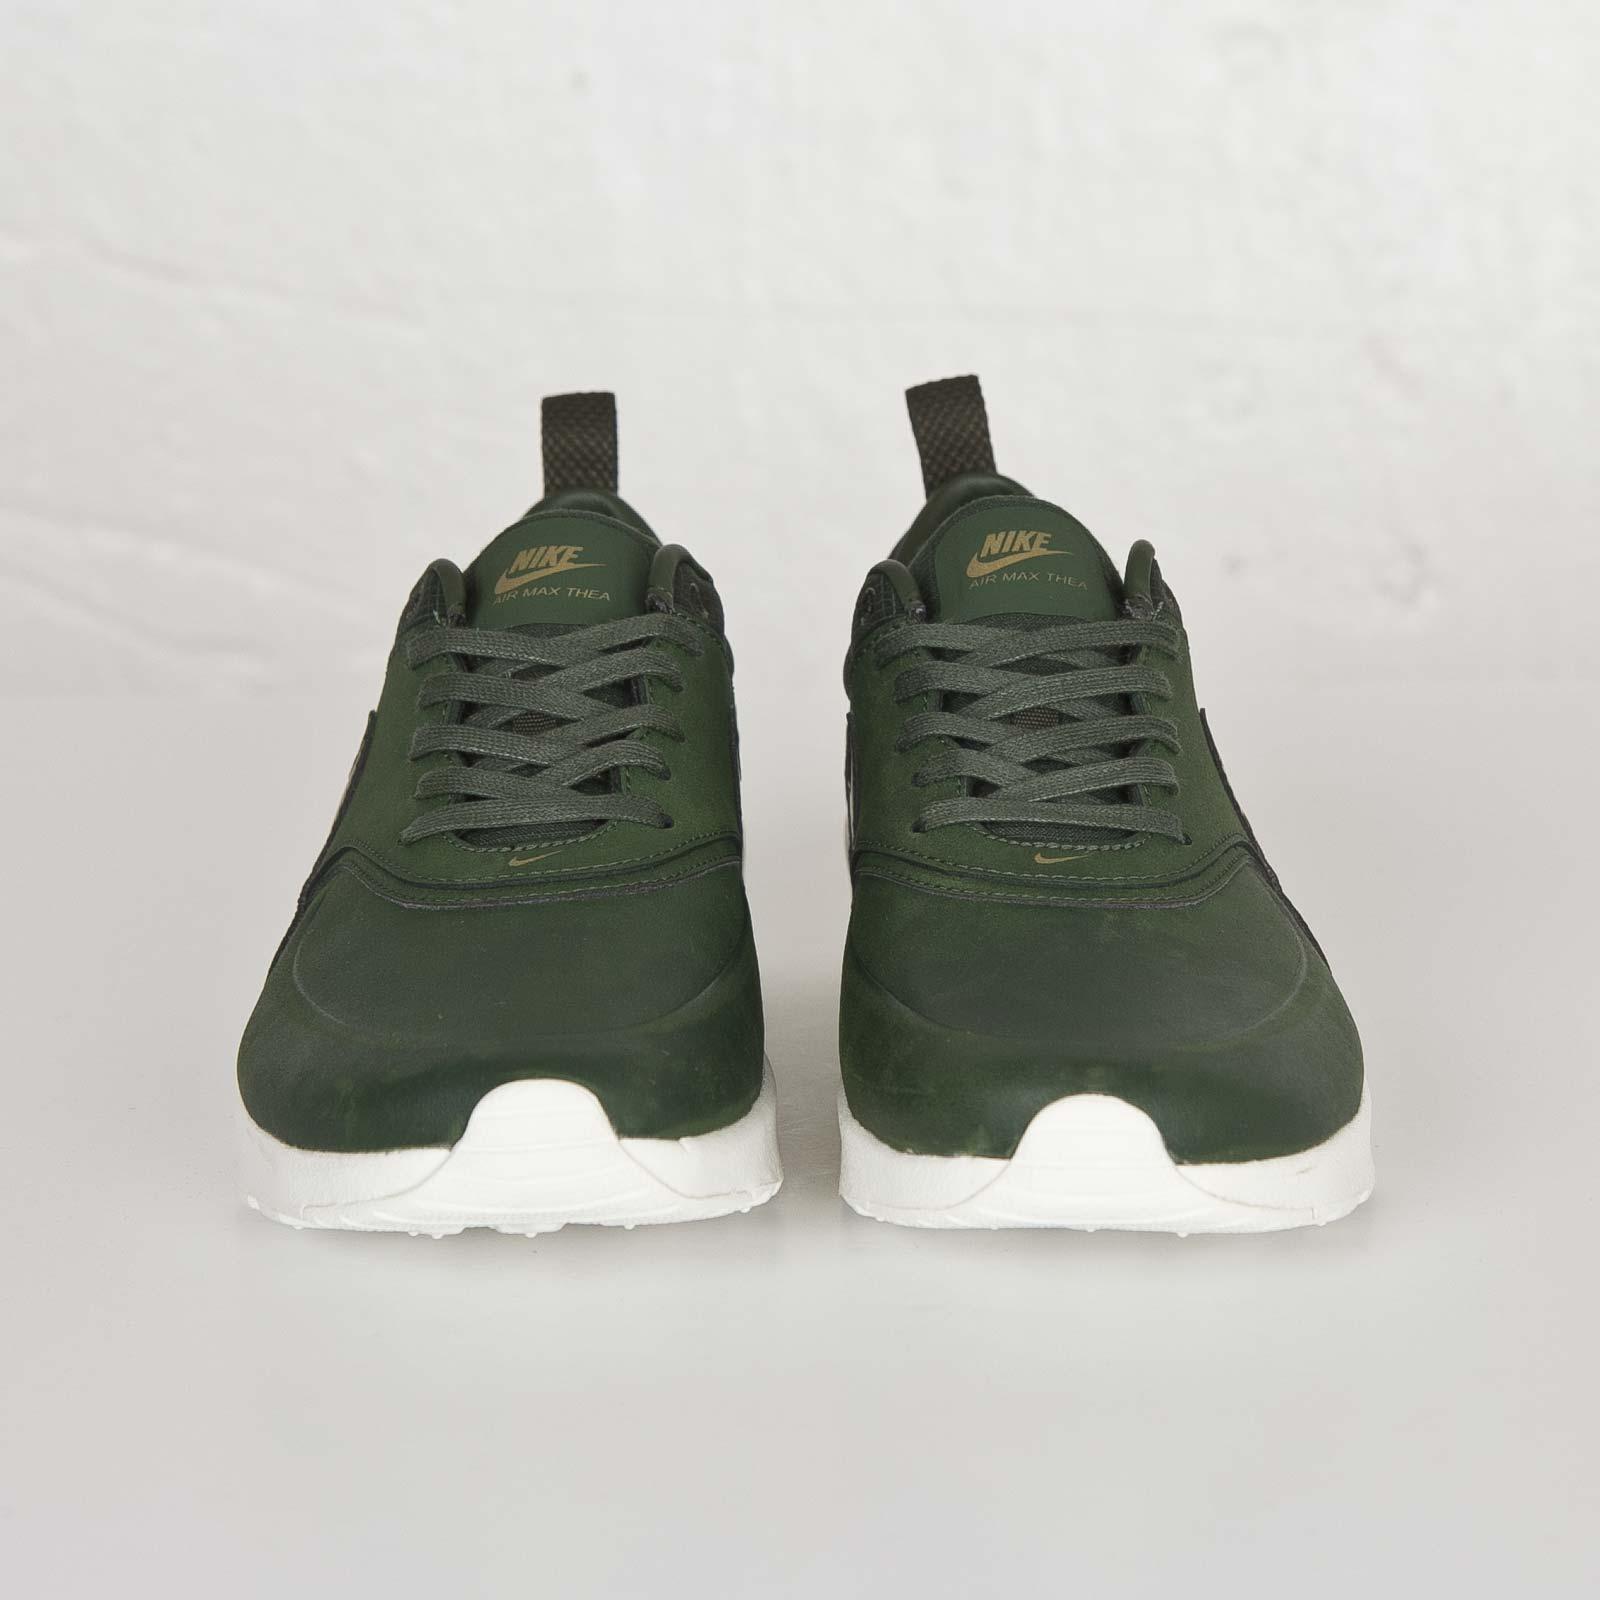 5f95afdae0 Nike Wmns Air Max Thea Premium - 616723-304 - Sneakersnstuff | sneakers &  streetwear online since 1999